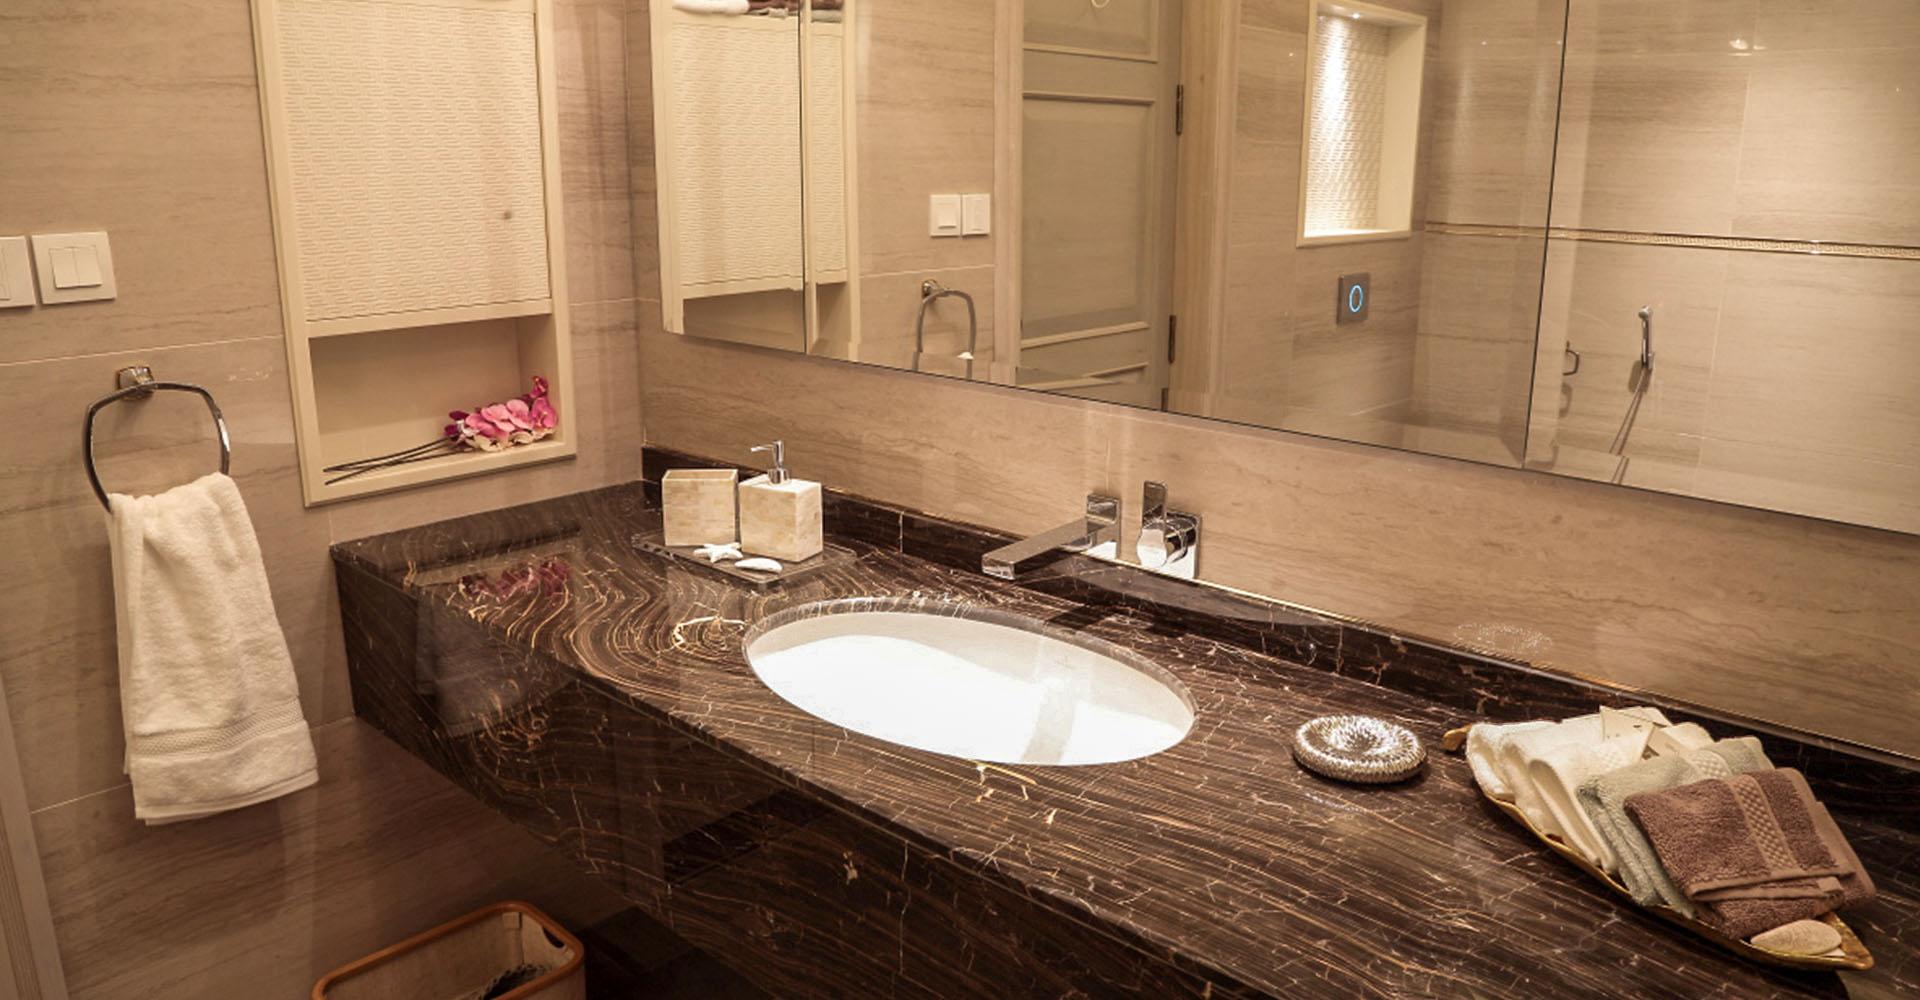 Residential-Design-Hiline-Lahore-portfolio-30-Tufail-Road-11